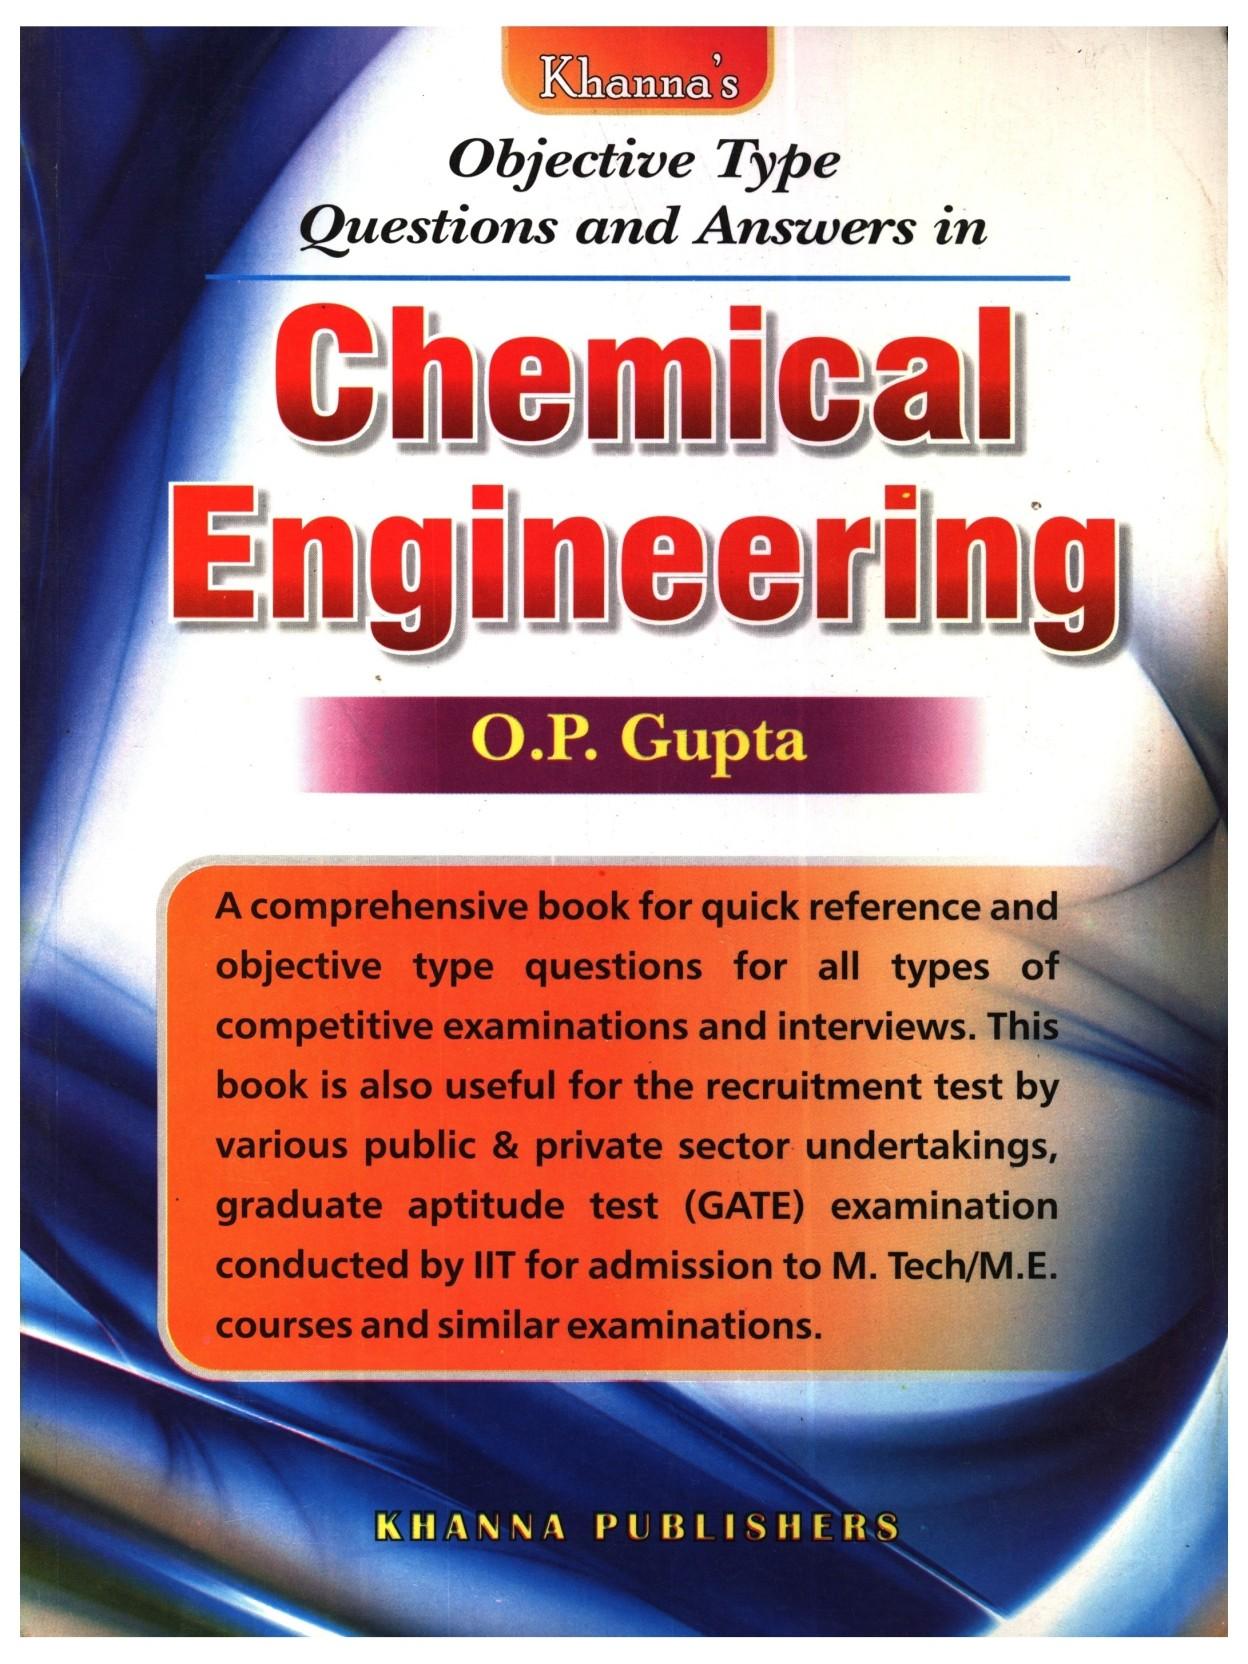 OP Gupta Chemical Engineering Book Free Download